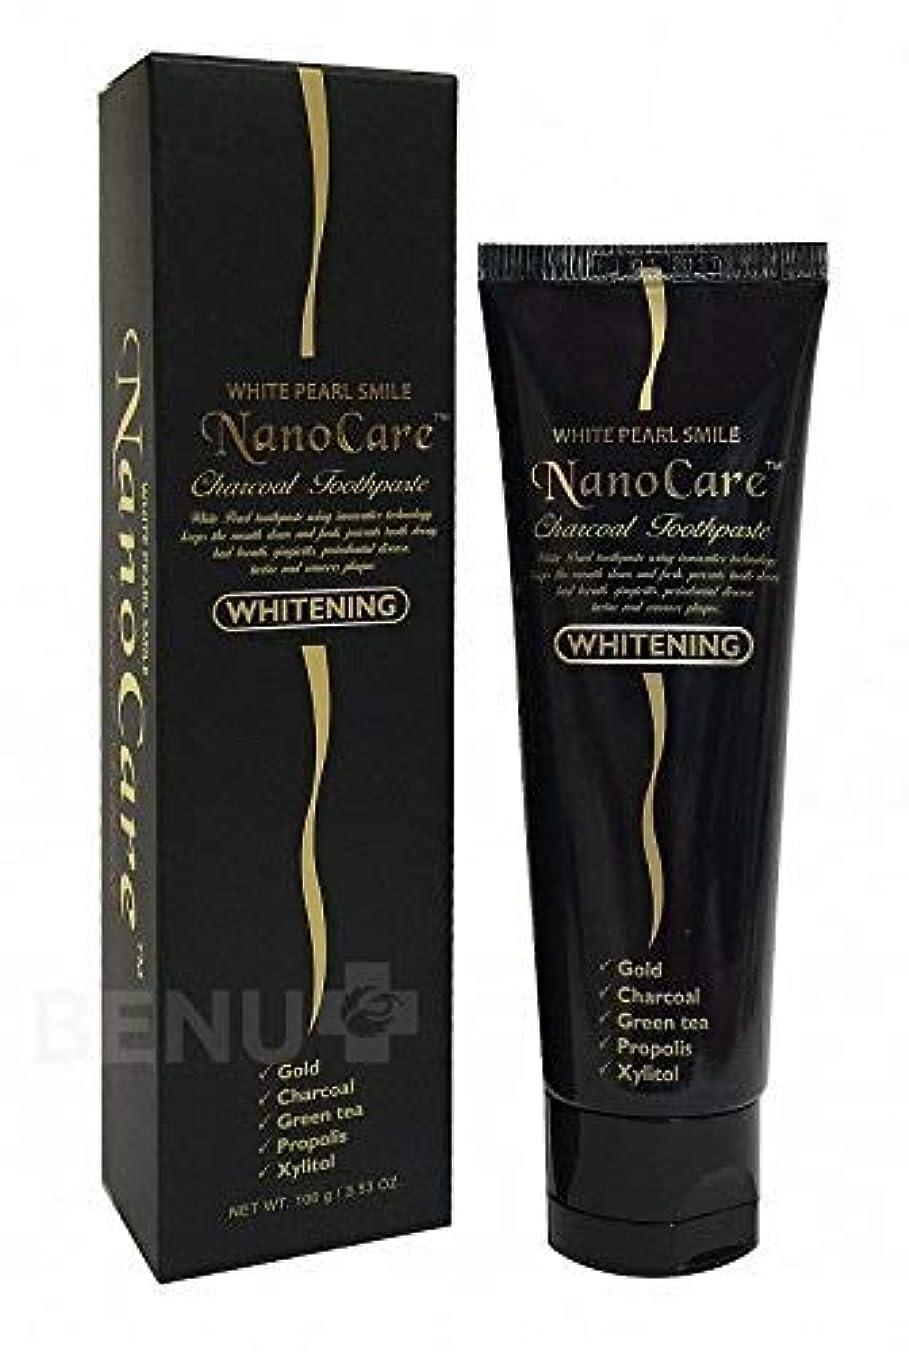 接尾辞集団的支援Nano Care Whitening Toothpaste with 24K Gold and Activated Charcoal nanoparticles 100 ml Made in Korea / 24Kゴールド...